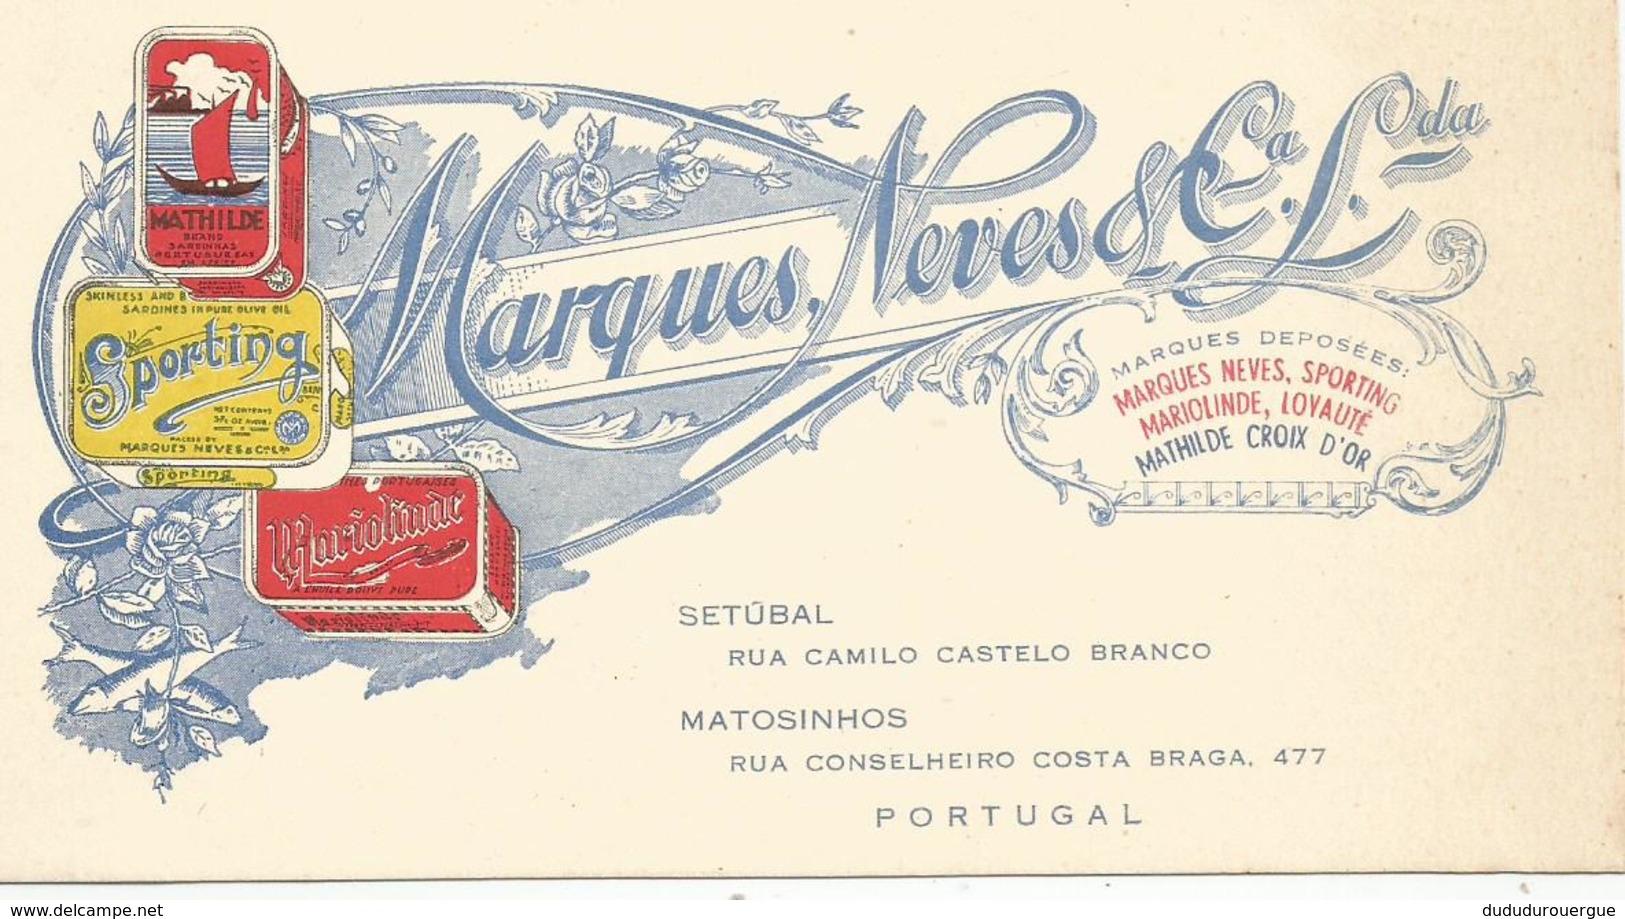 PORTUGAL , SETUBAL : MARQUES NEVES - Publicités